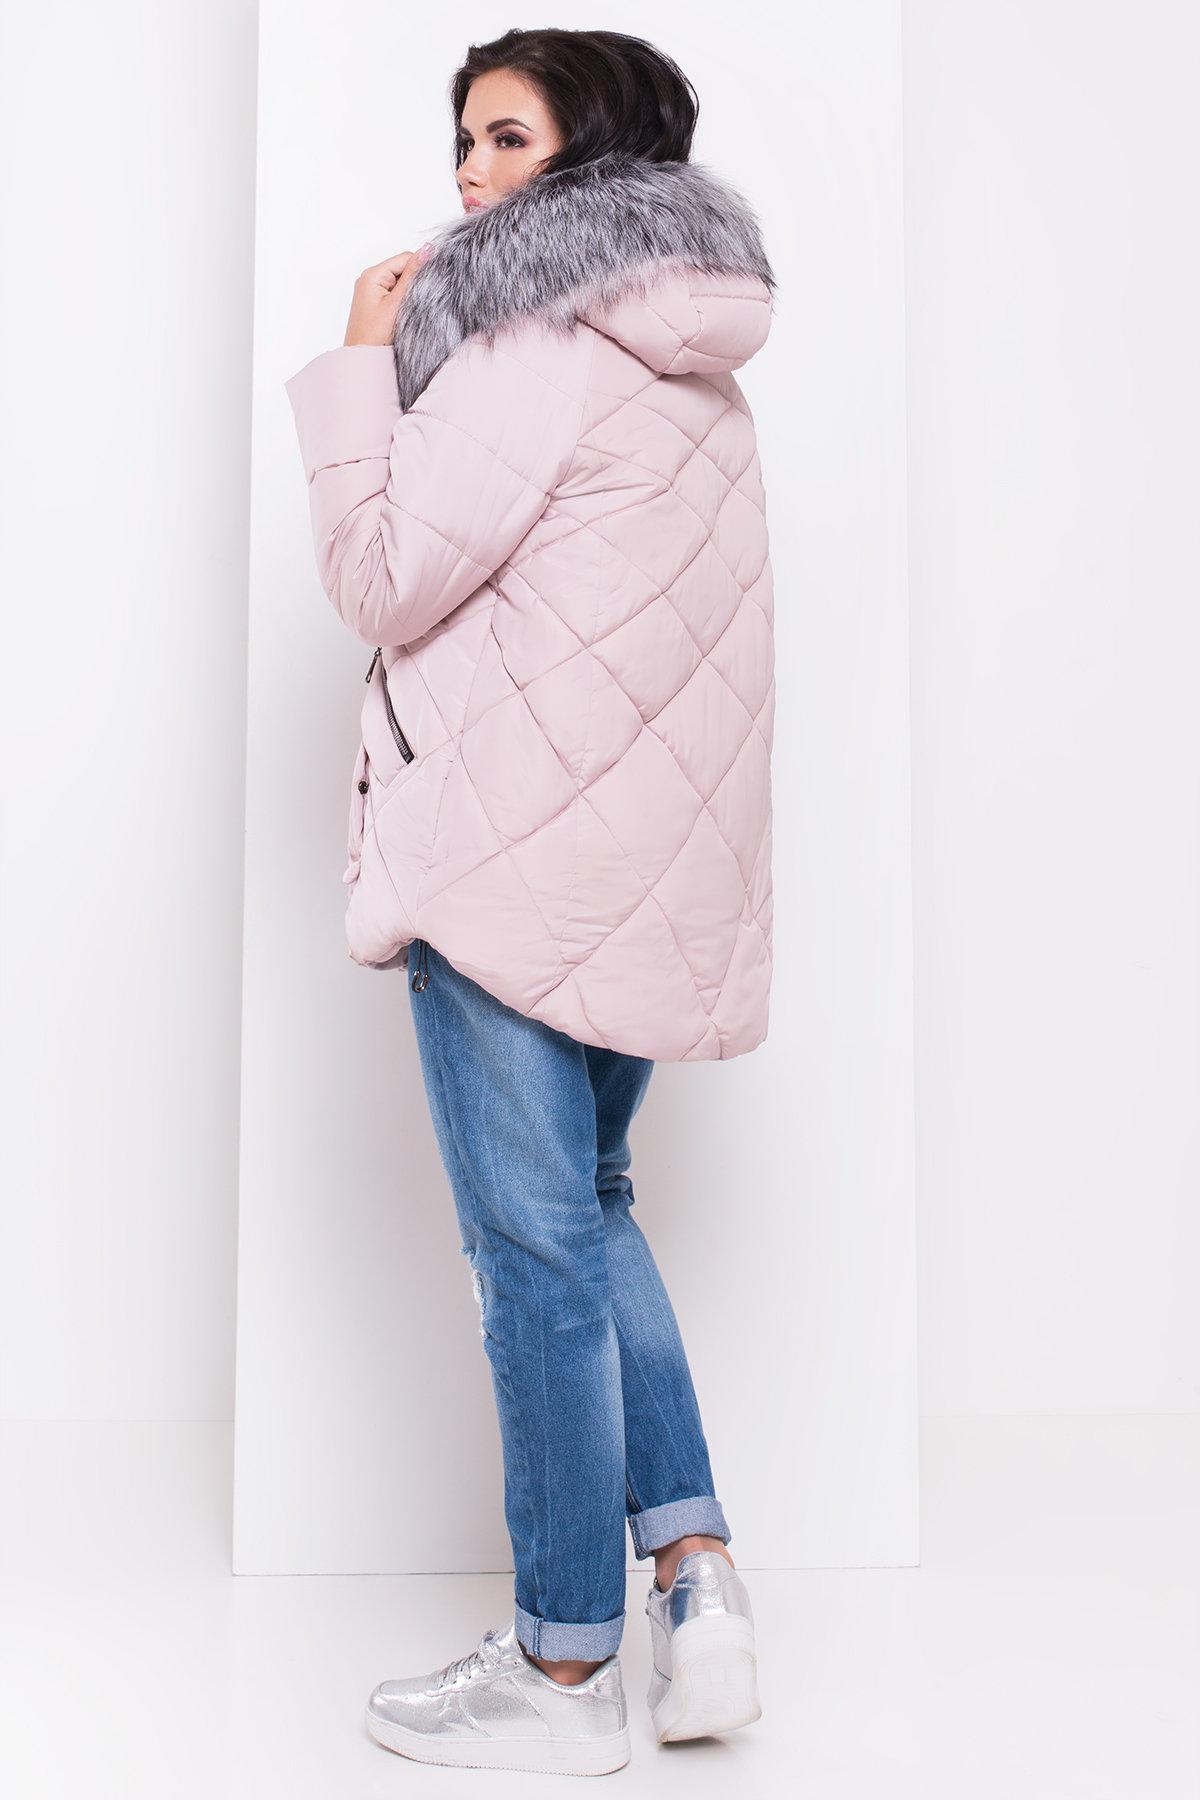 Куртка на зиму со стежкой ромбами Лисбет 3253 АРТ. 16729 Цвет: Серо-розовый - фото 3, интернет магазин tm-modus.ru